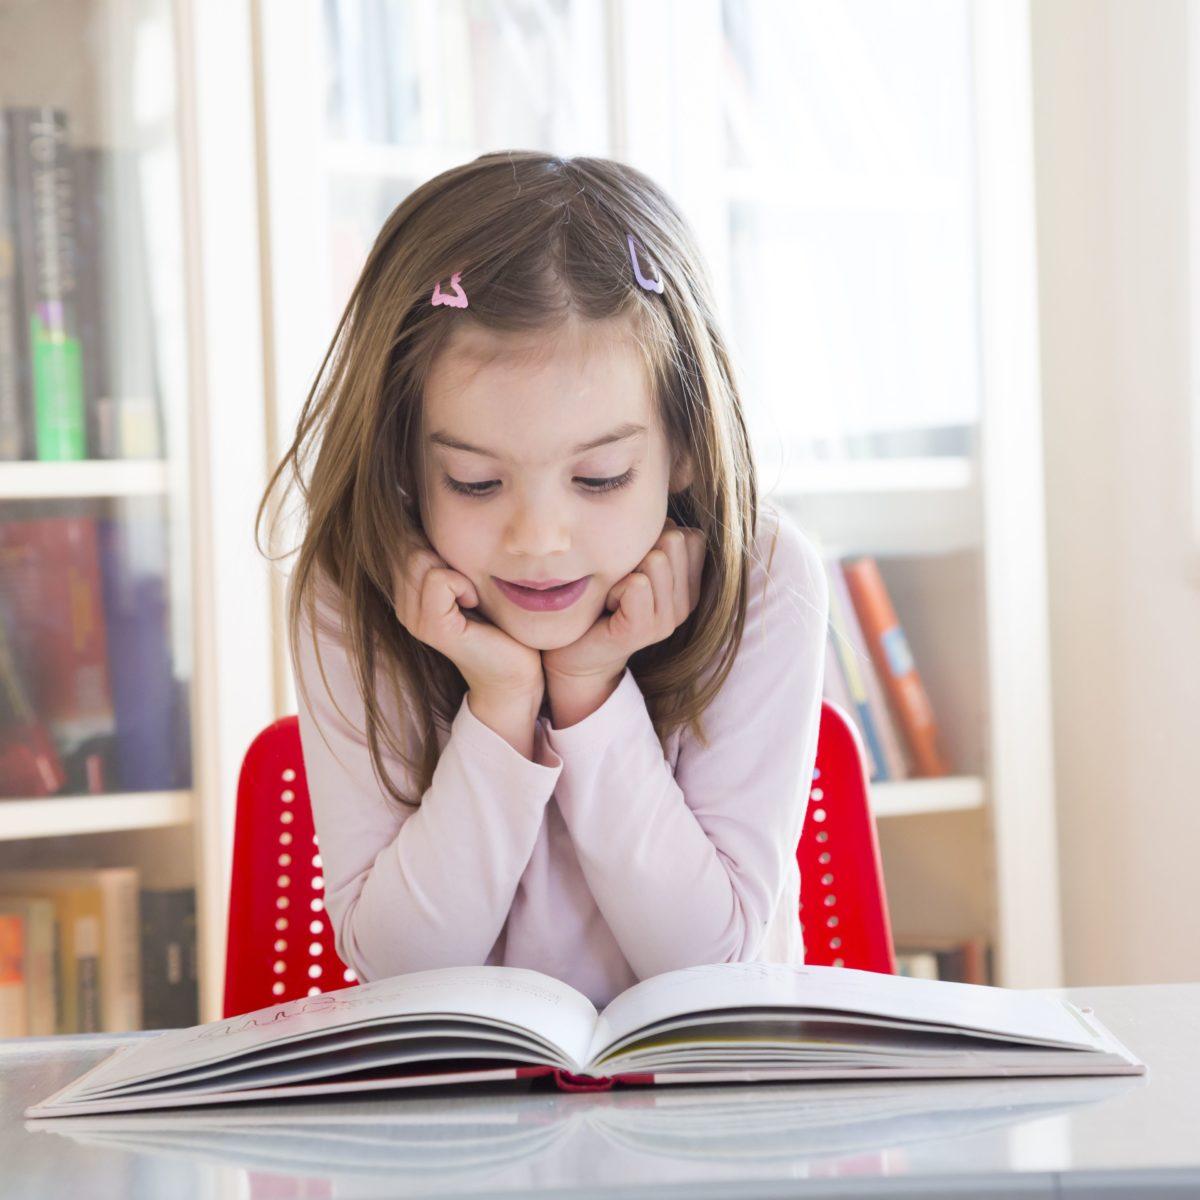 Παγκόσμια Ημέρα Παιδικού Βιβλίου 2020: Αυτά είναι τα 8 καλύτερα παιδικά βιβλία που κυκλοφόρησαν το 2019